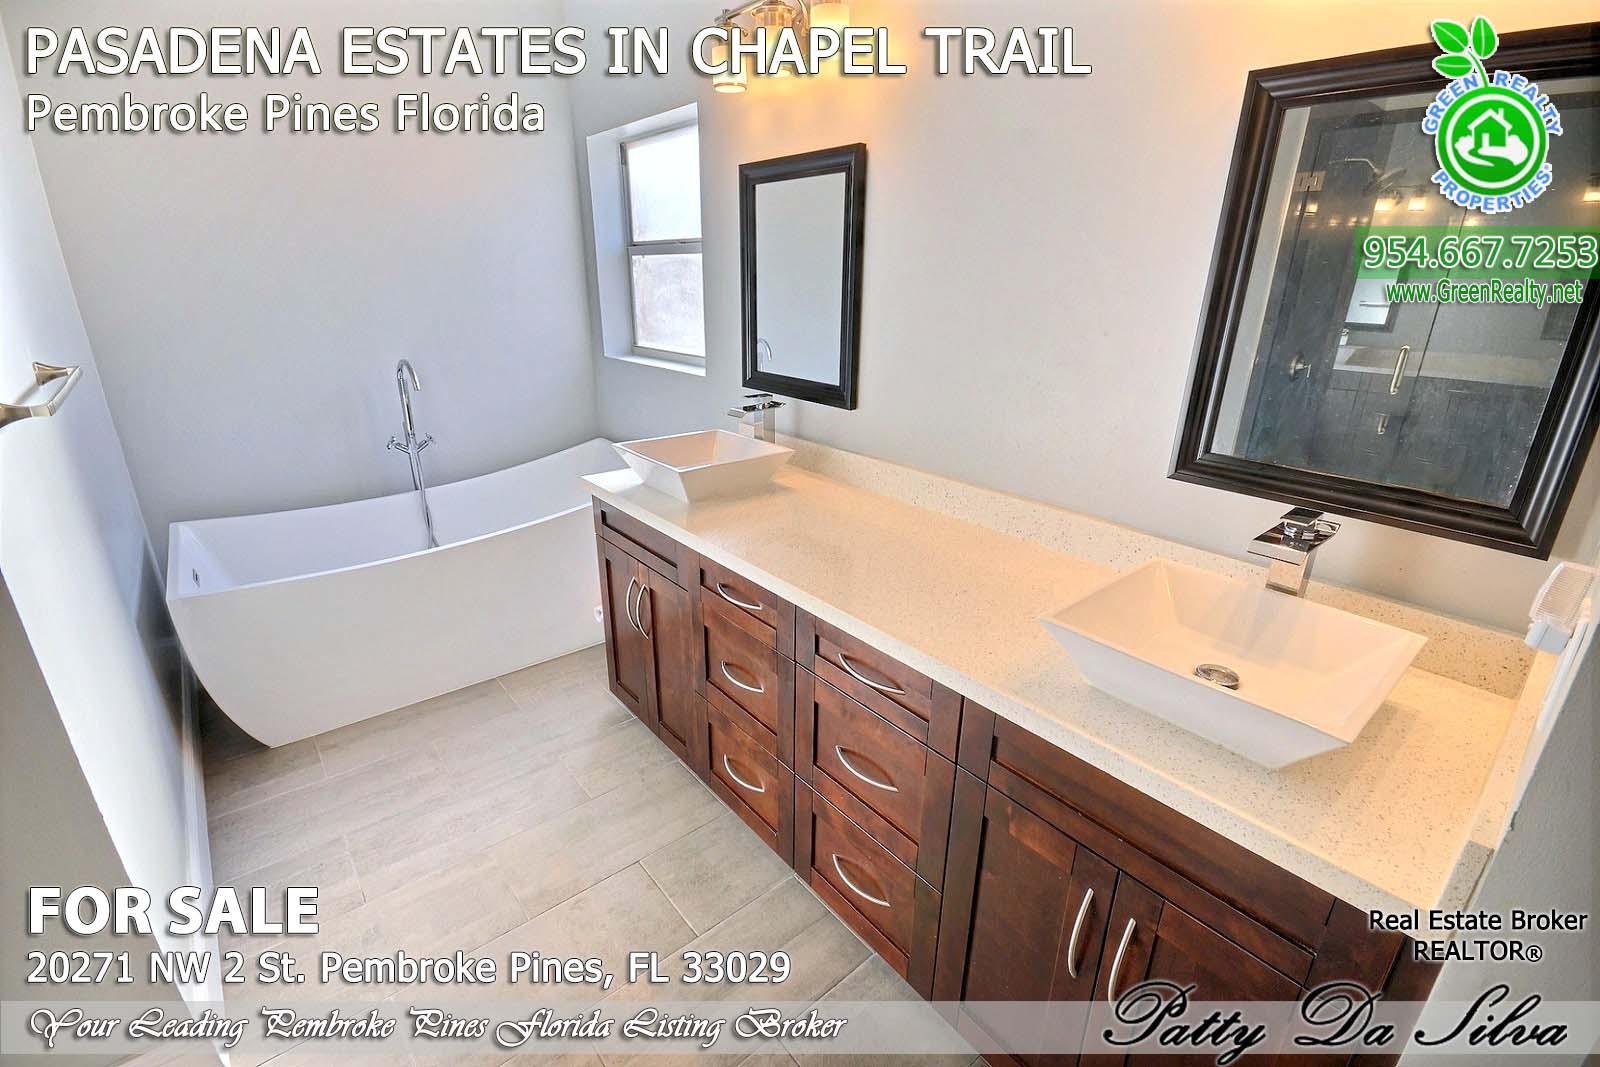 Pasadena Estates of Chapel Trail - Pembroke Pines FL (14)